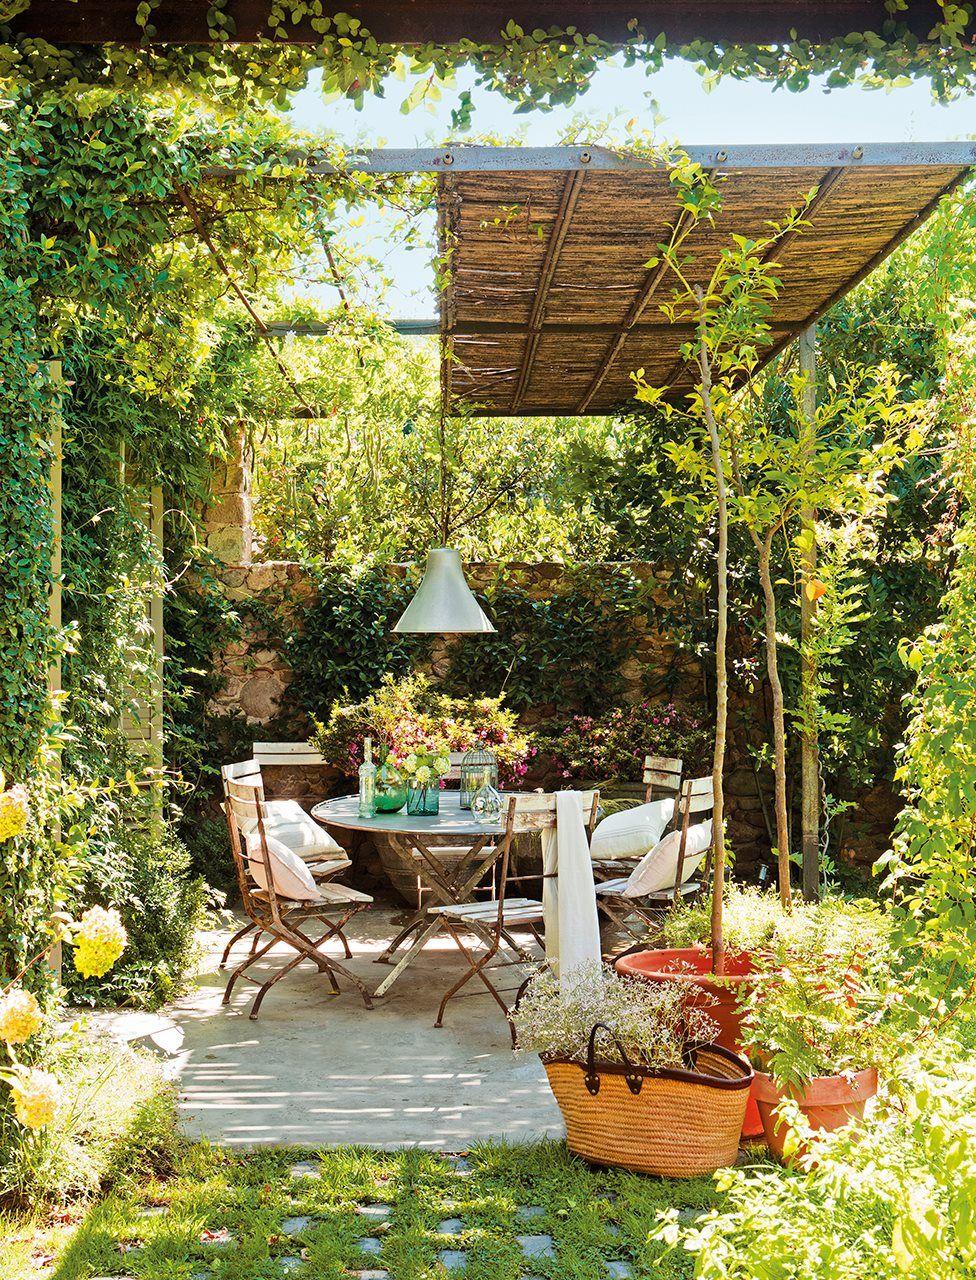 En una mas a vista en la revista el mueble - El mueble jardines ...